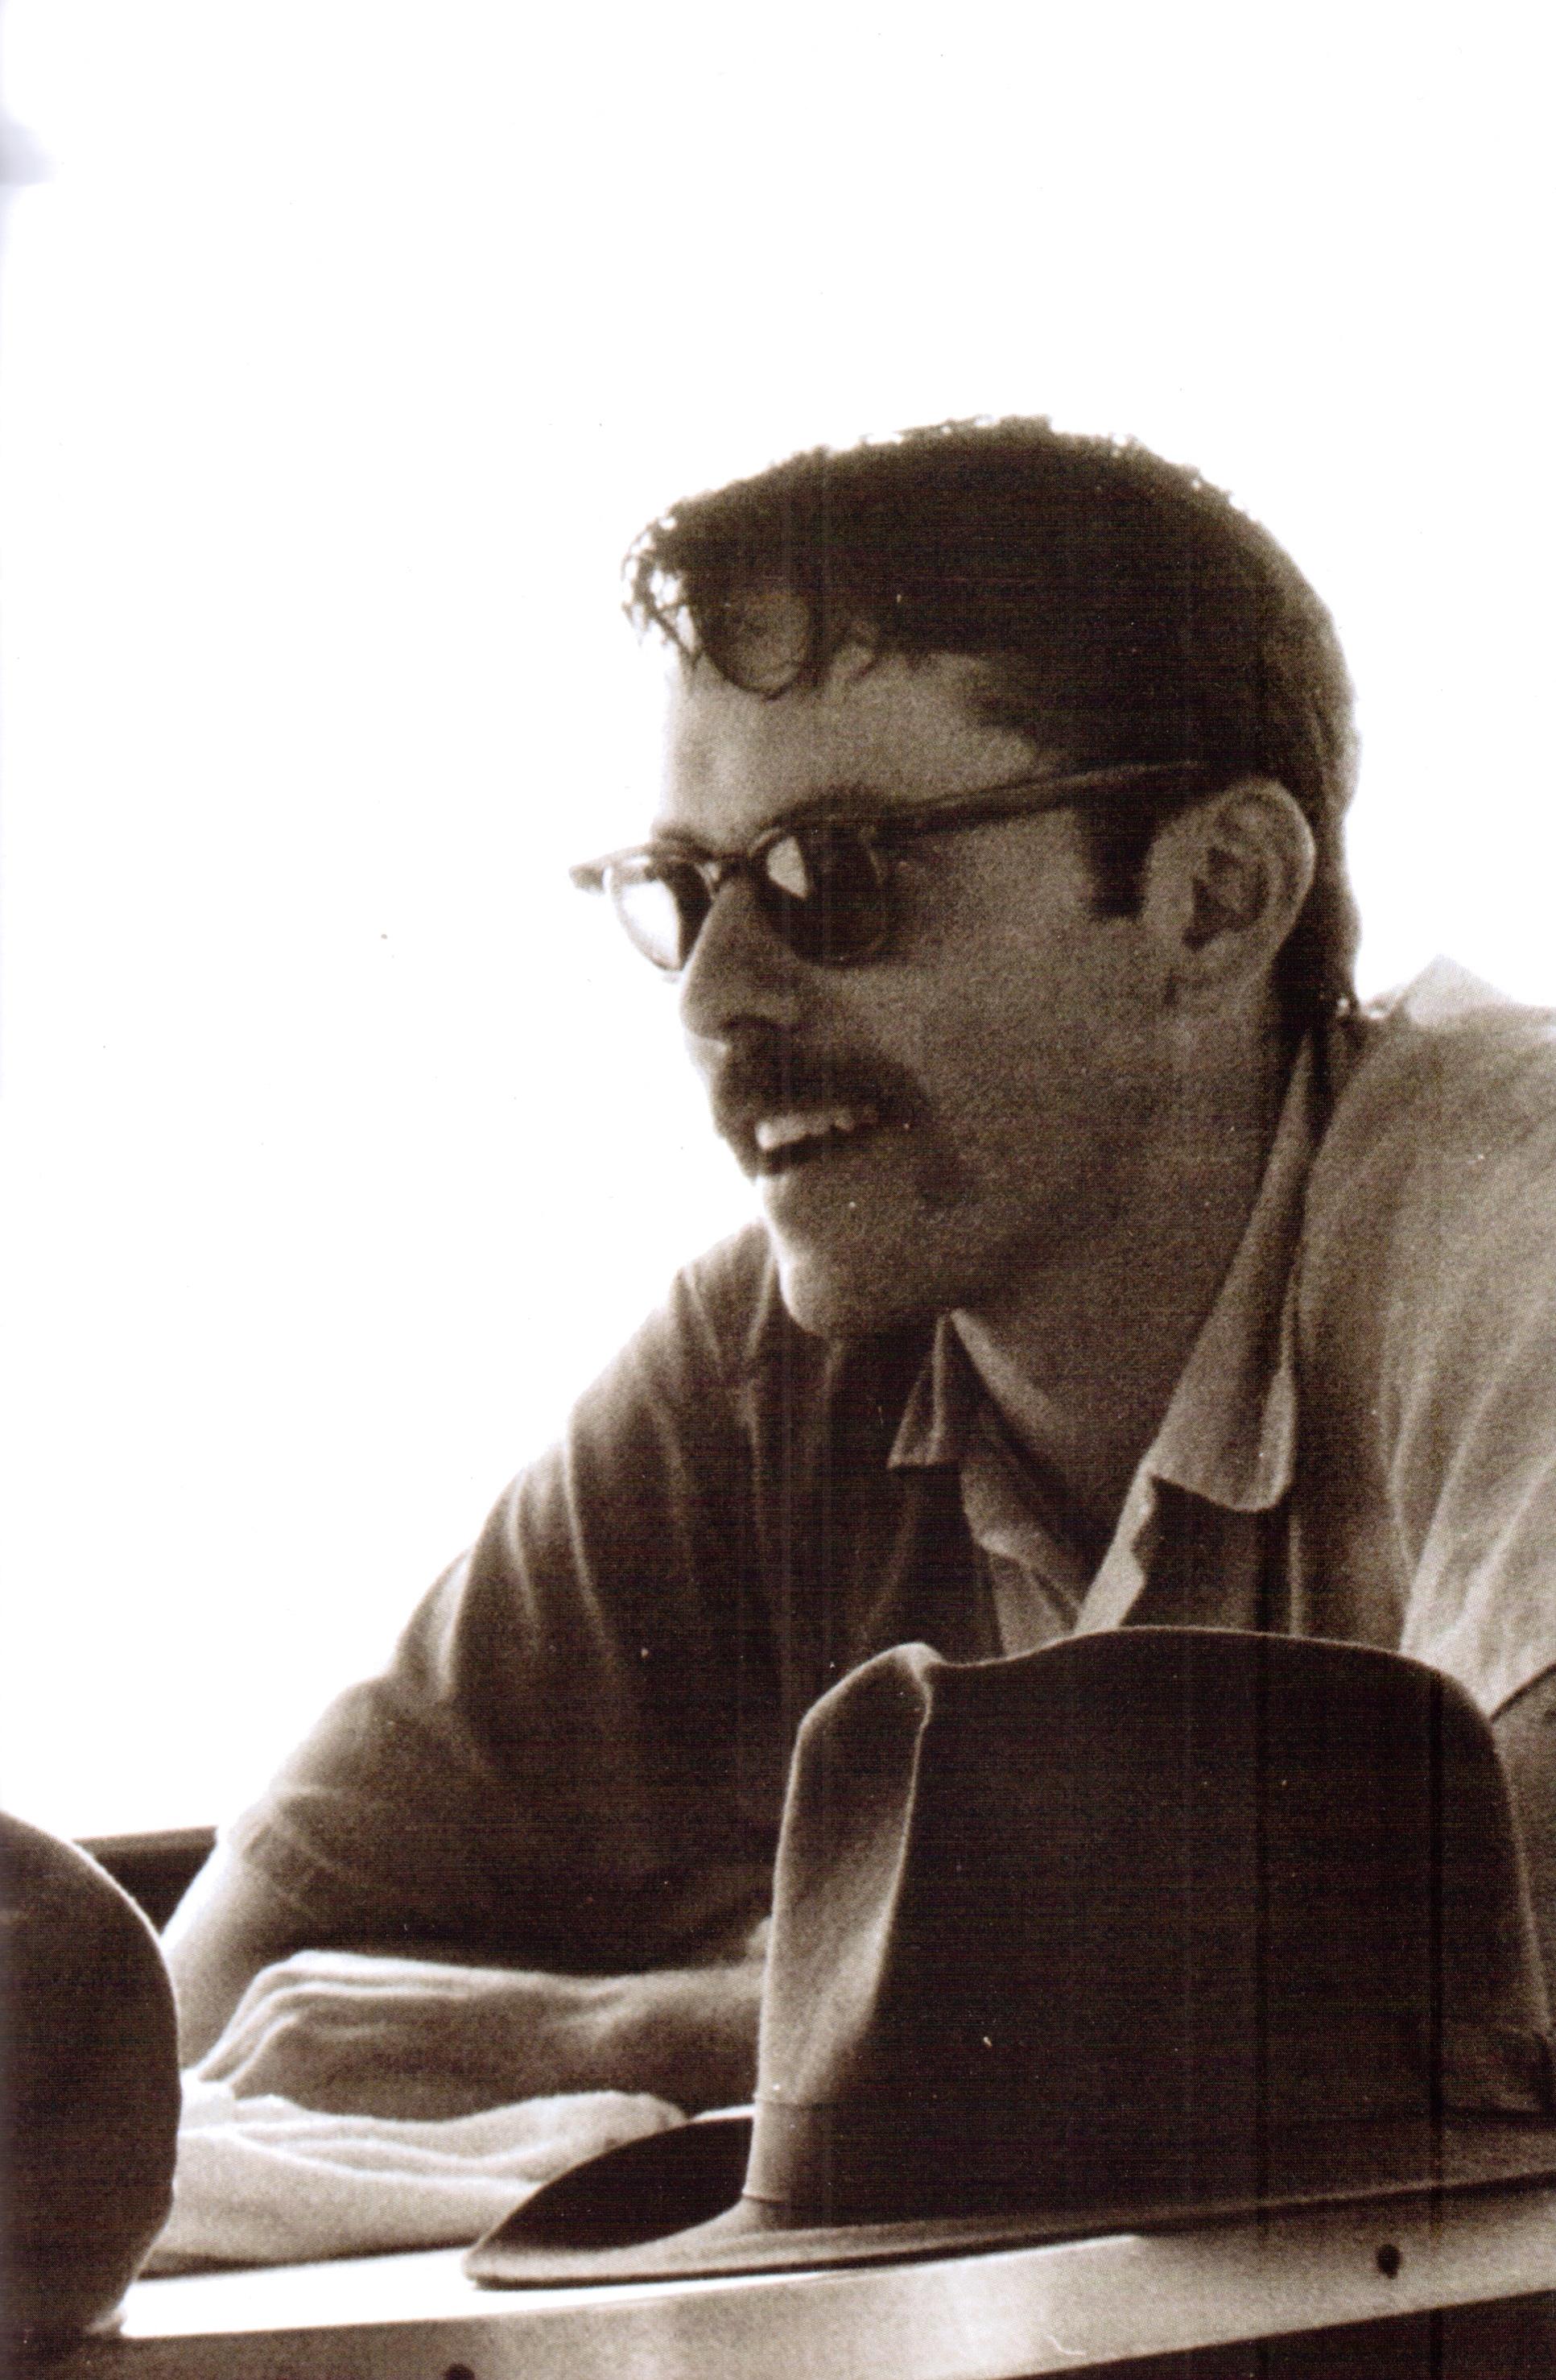 Producer Kemp Massengil-photo courtesy of Kemp Massengil